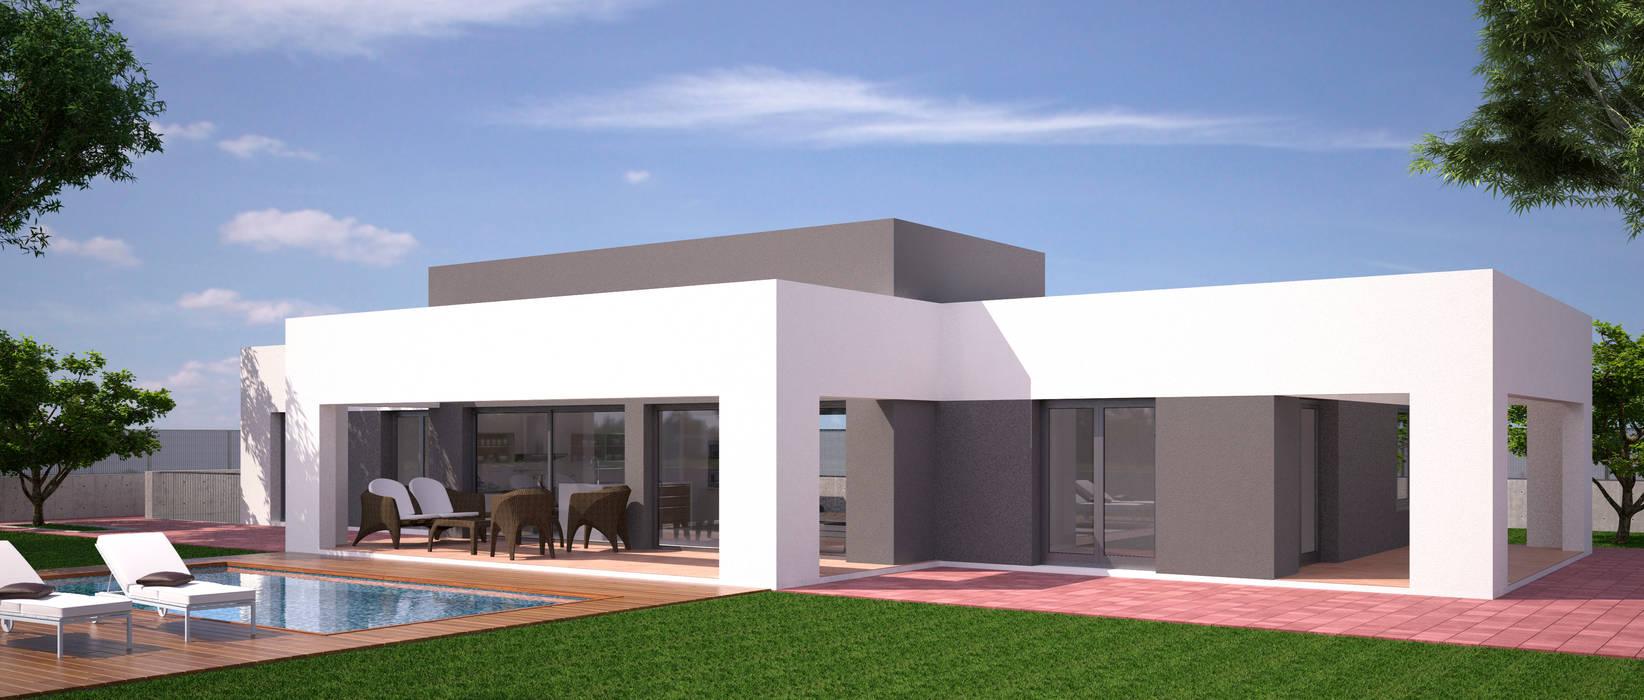 VIVIENDA UNIFAMILIAR AISLADA Y PISCINA: Casas de estilo moderno de NUÑO ARQUITECTOS